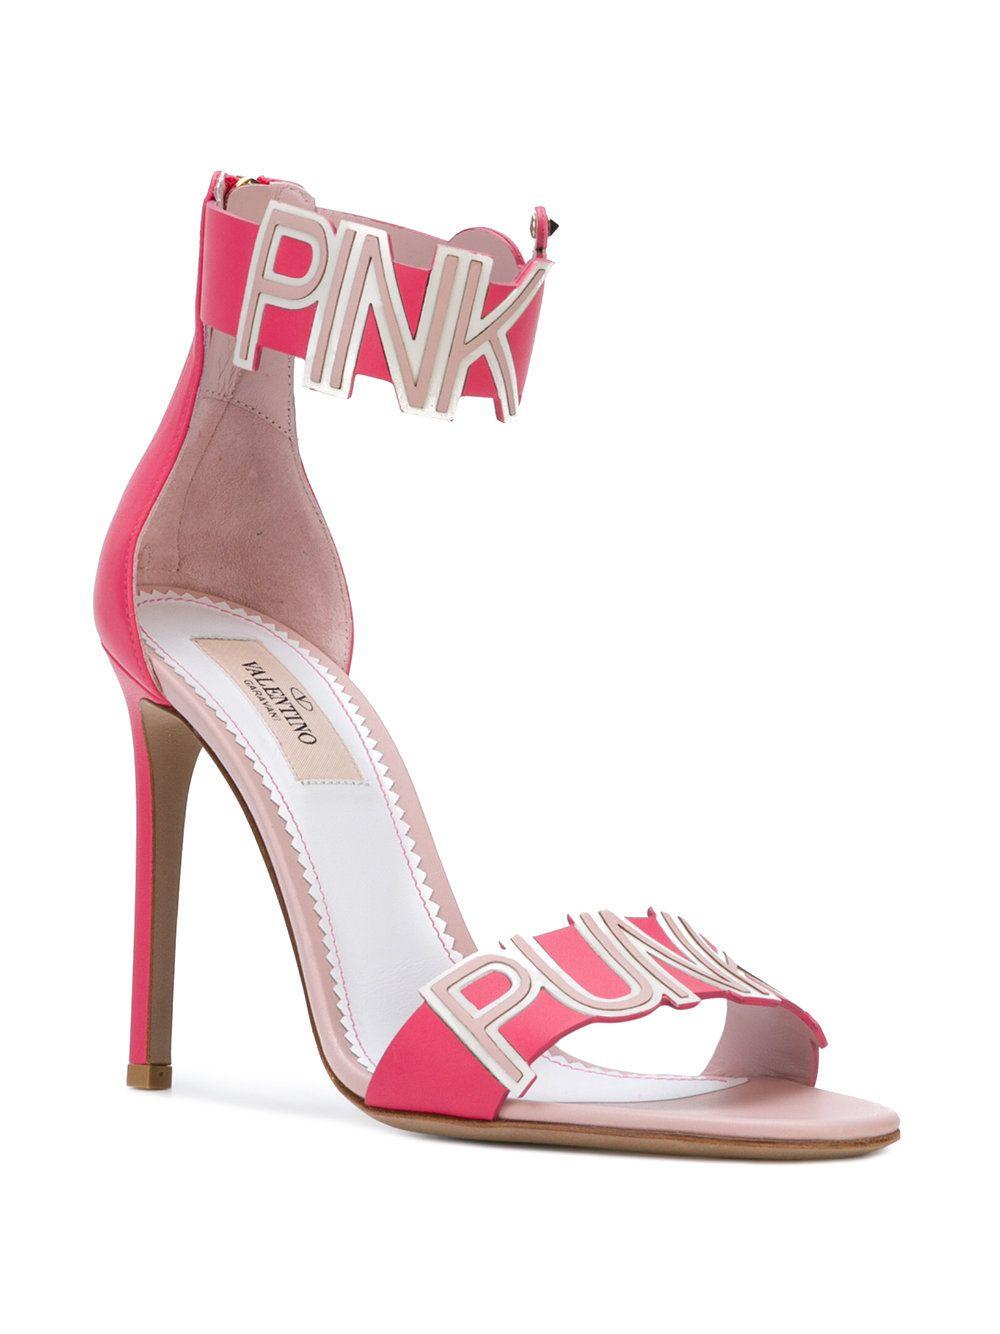 9b89a582c Valentino Valentino Garavani Pink Is Punk Sandals in 2019 ...